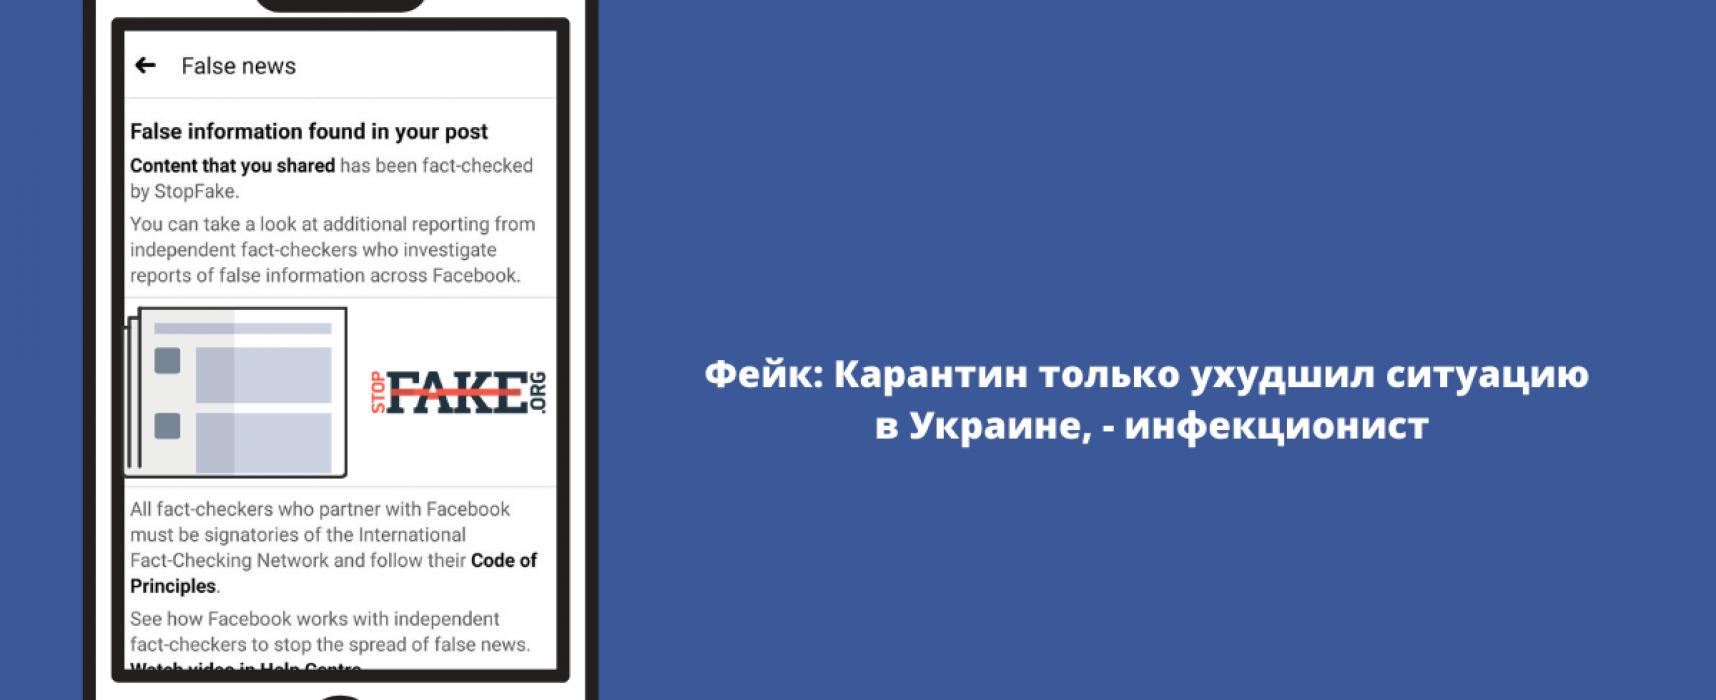 Фейк: Карантин только ухудшил ситуацию в Украине, — инфекционист